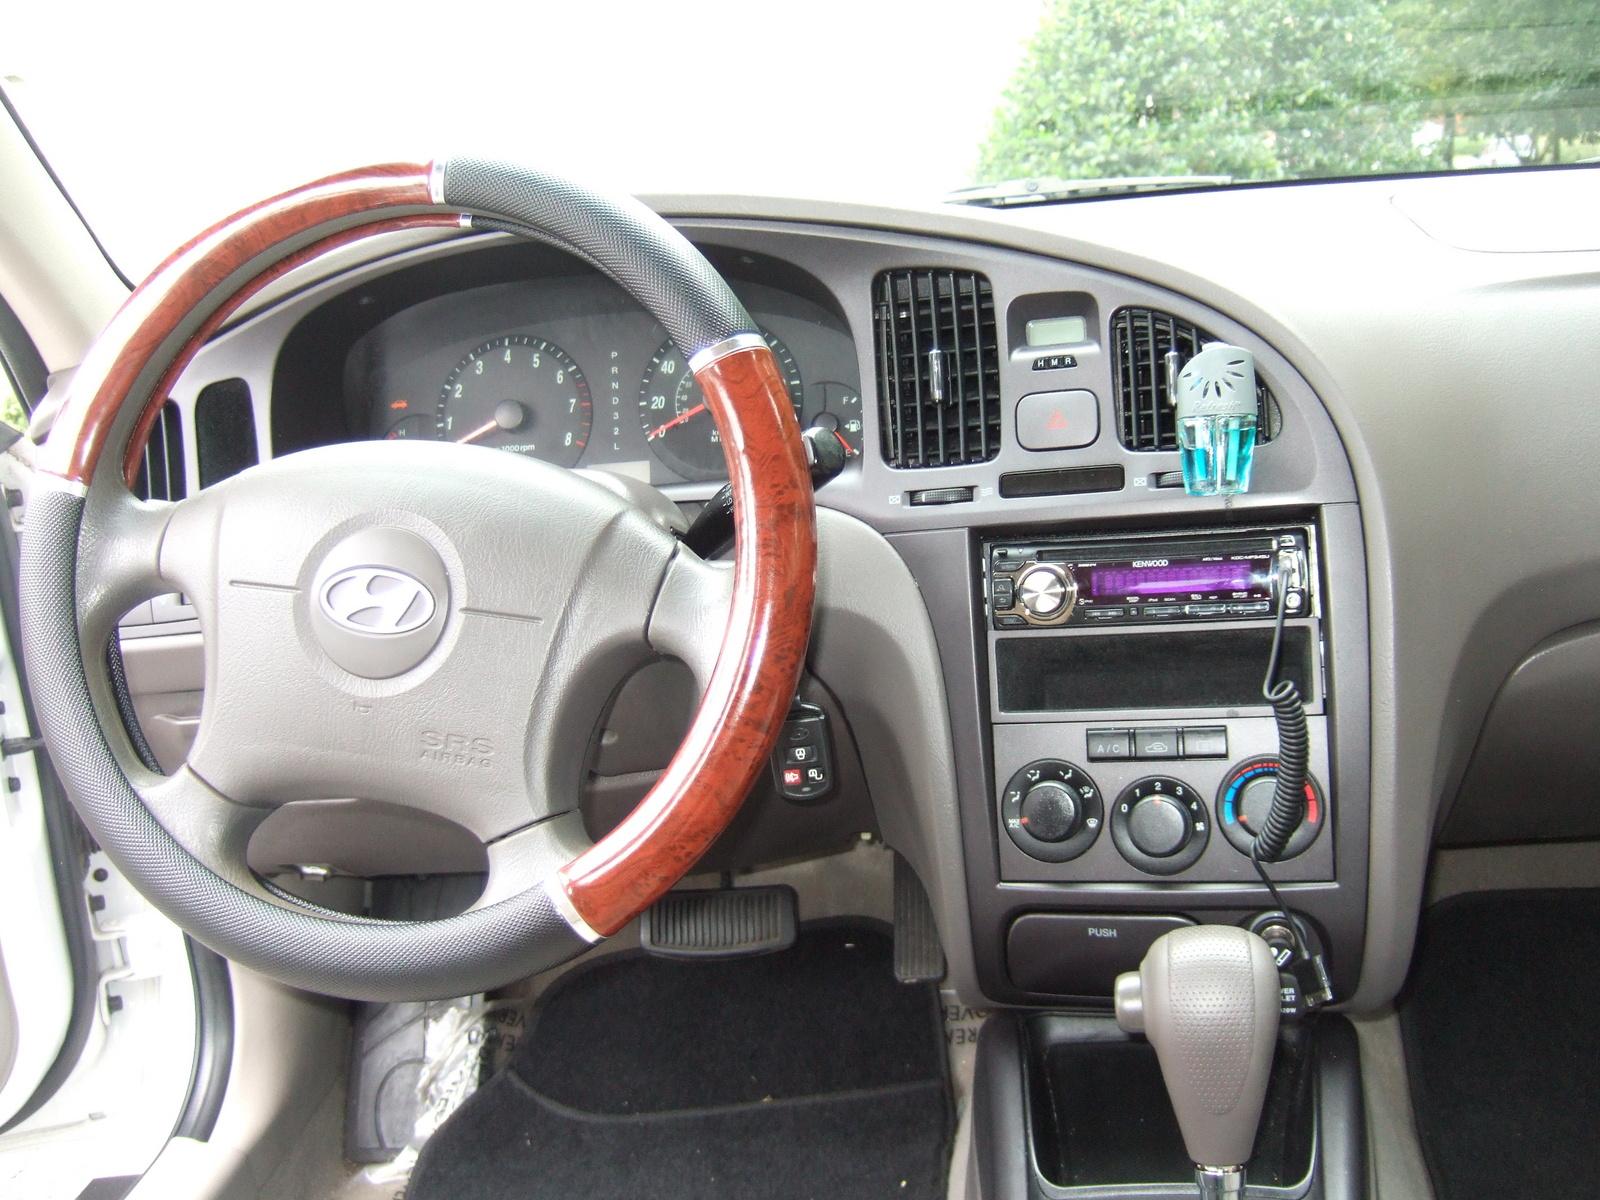 2005 Hyundai Elantra Interior Pictures Cargurus